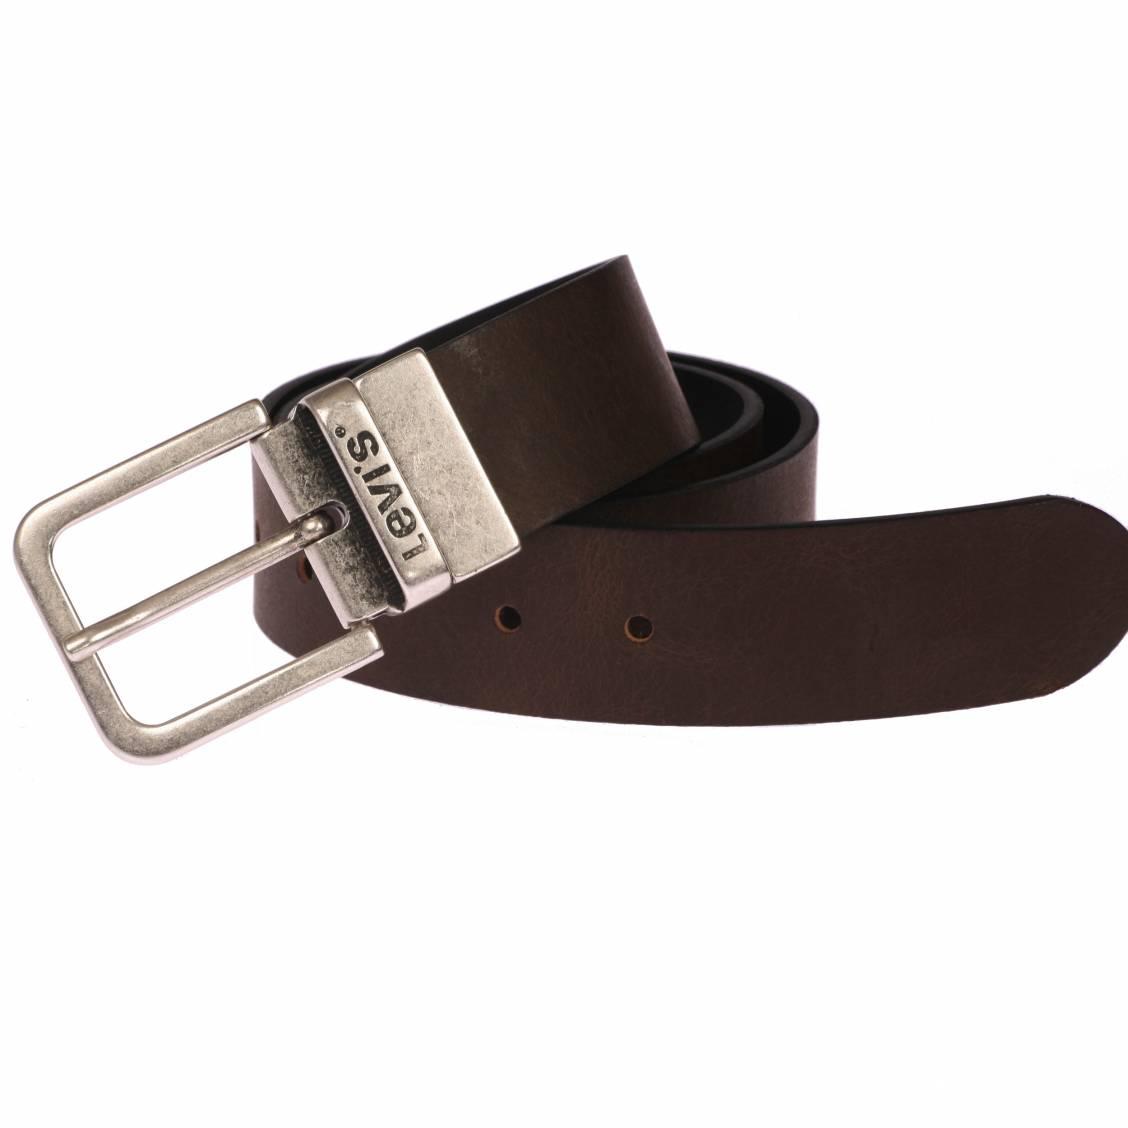 ceinture taille comment faire pour choisir une ceinture adapt e sa morpho. Black Bedroom Furniture Sets. Home Design Ideas